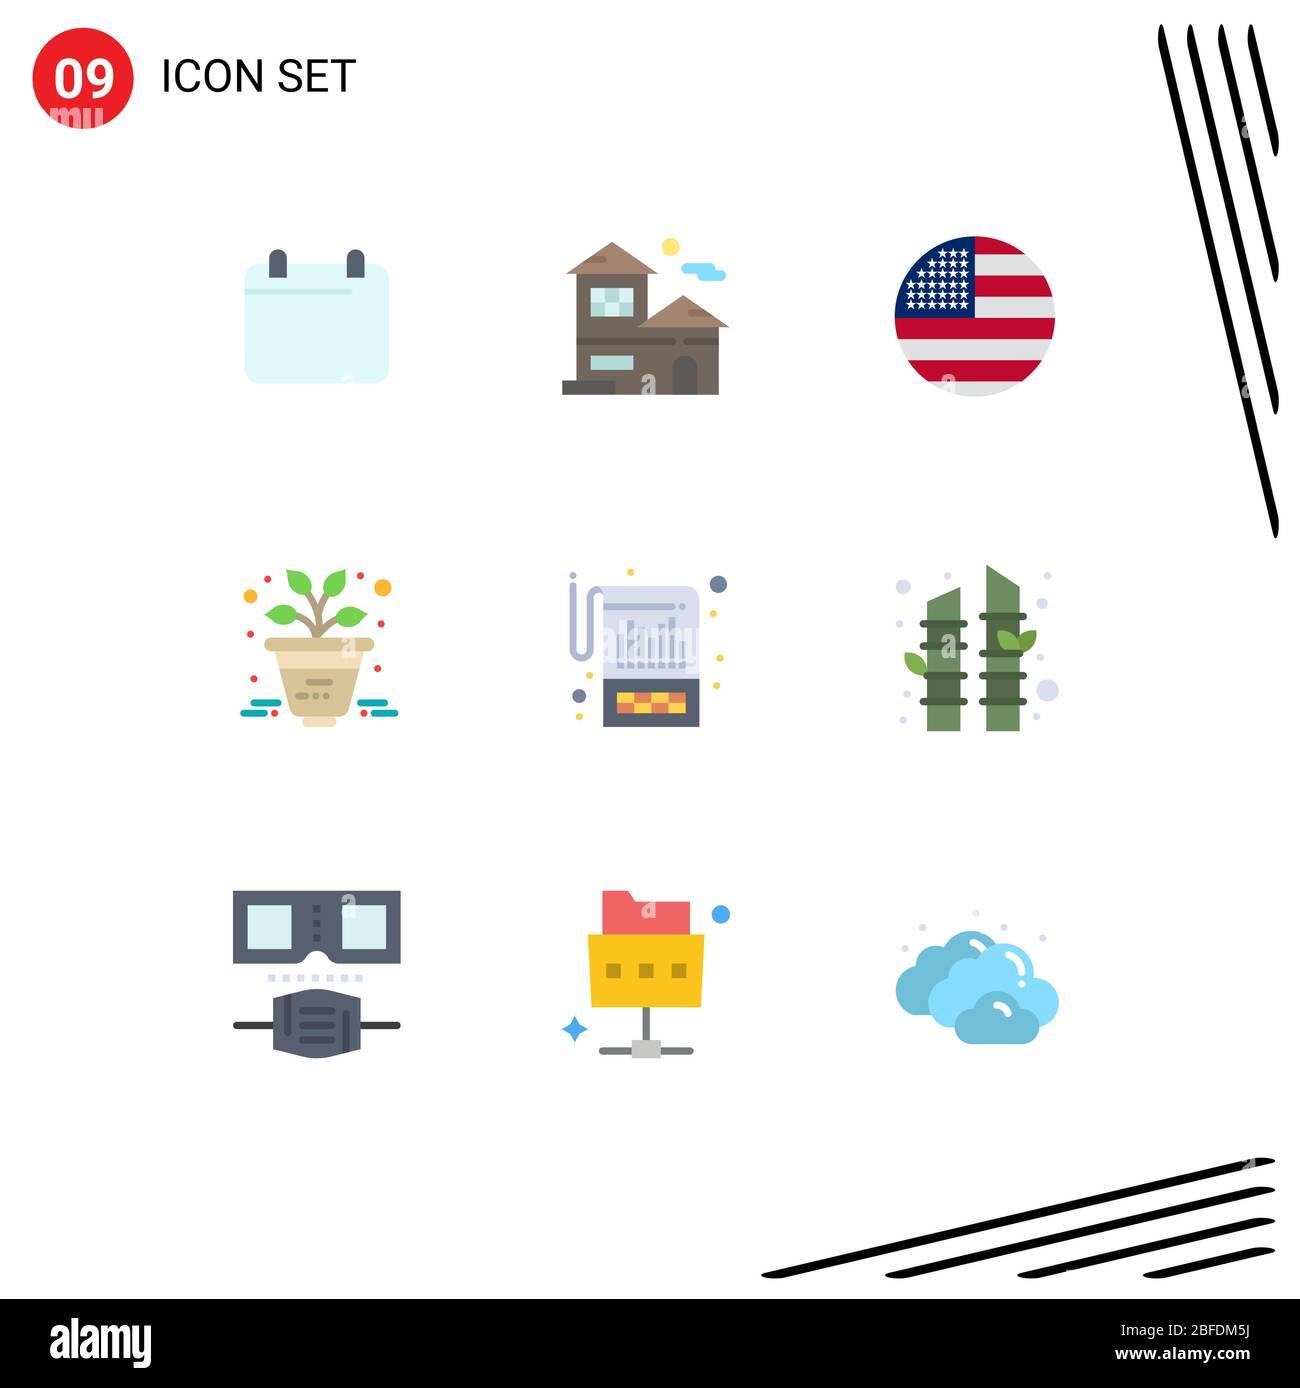 Flat Color Pack de 9 símbolos universales de elementos de diseño vectorial editables financieros, de cuenta, americanos, de planta y de negocio Ilustración del Vector